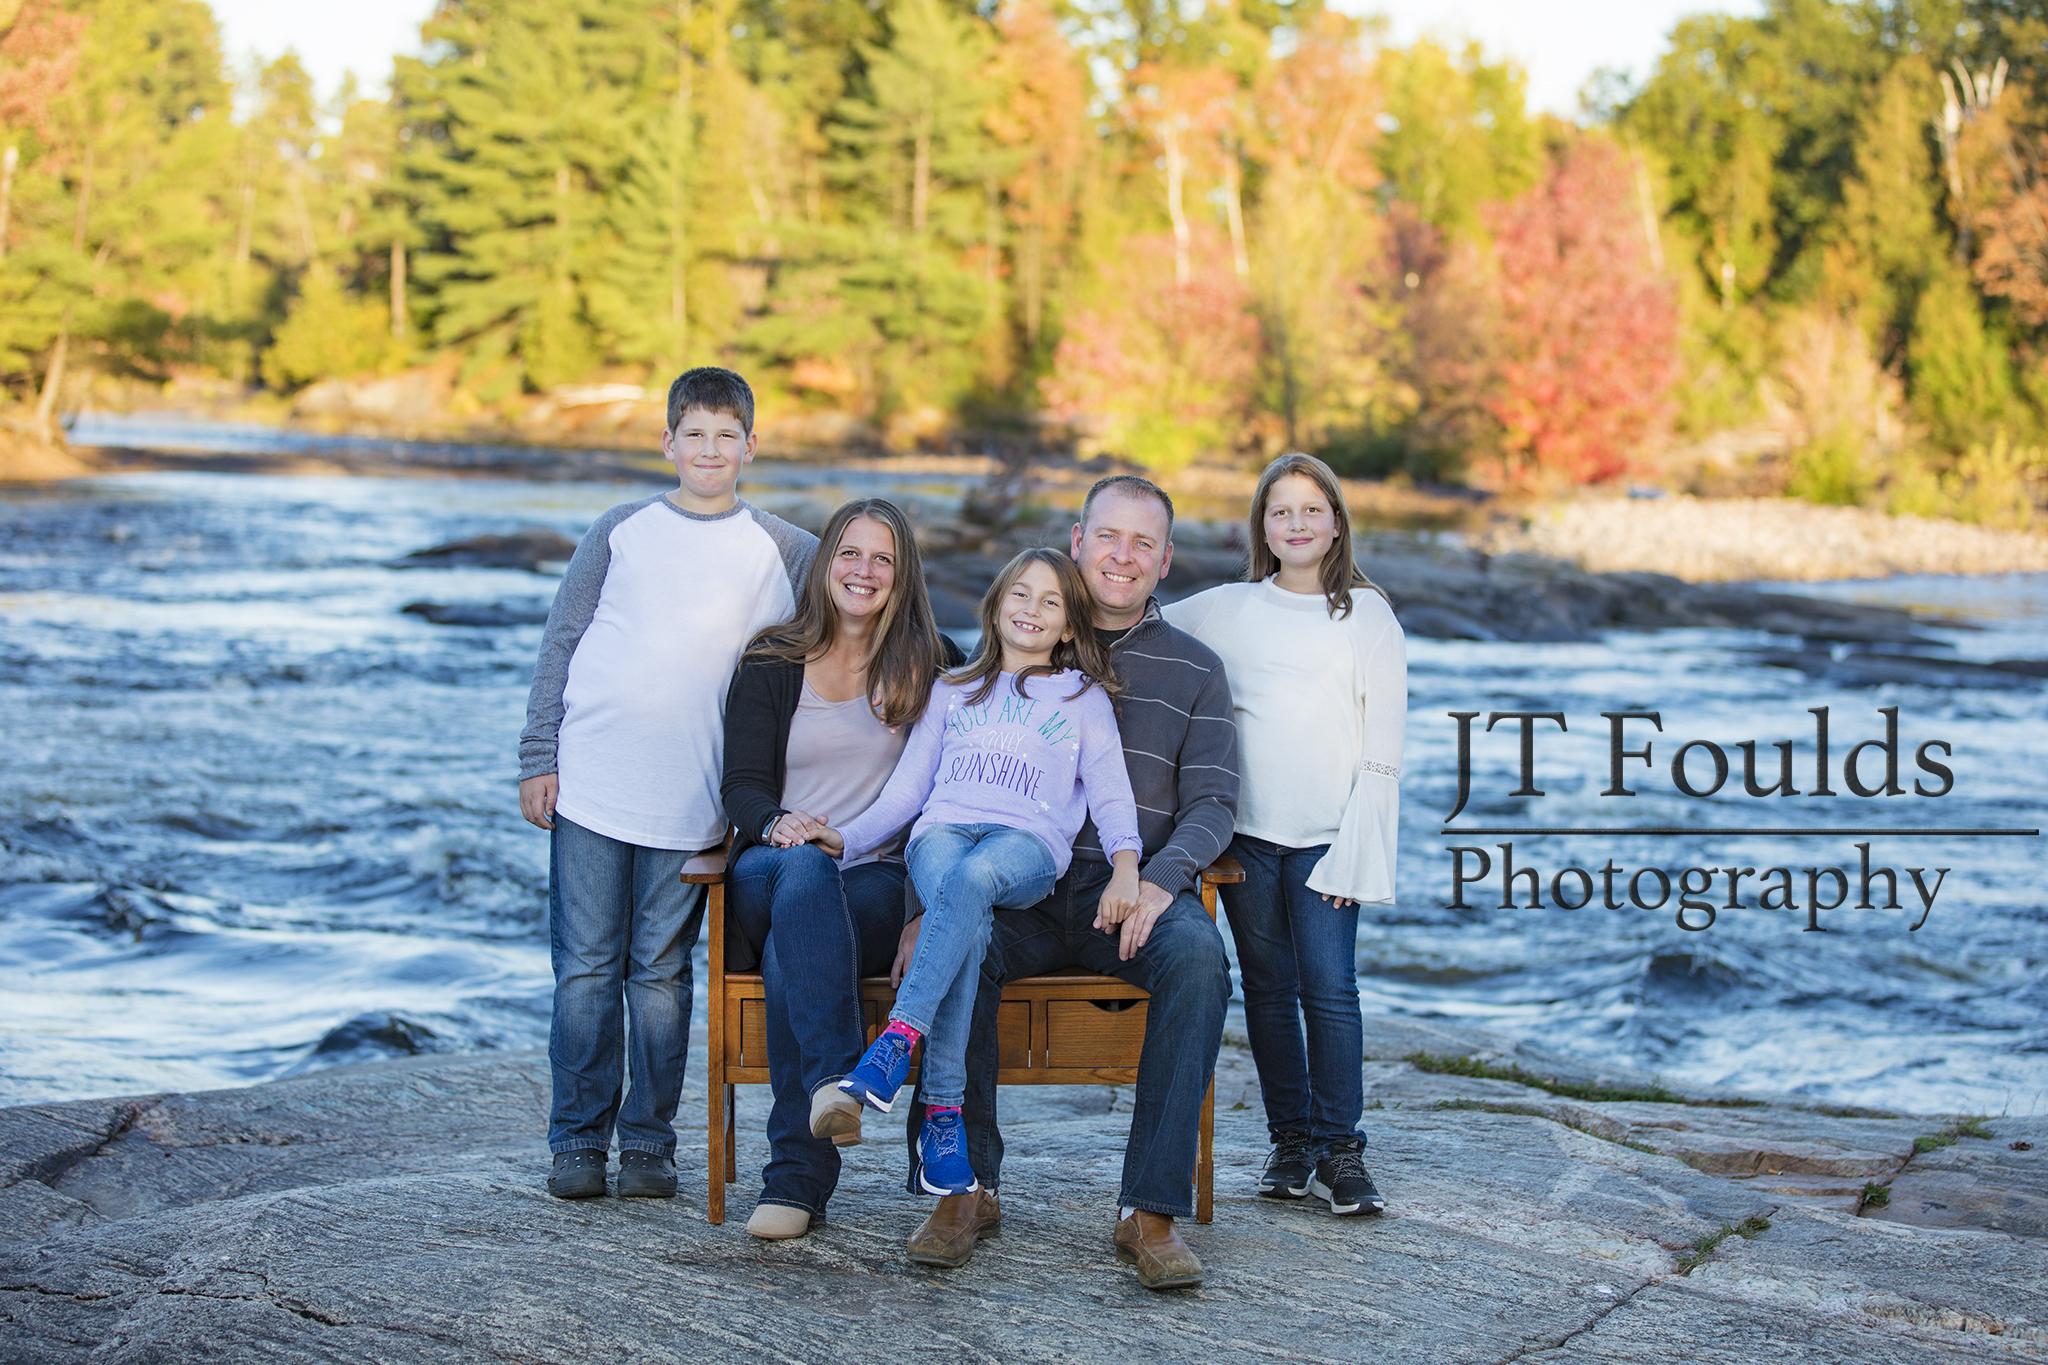 Gilbert & Dafoe Family Shoot - 06 Oct '17 - 006.JPG